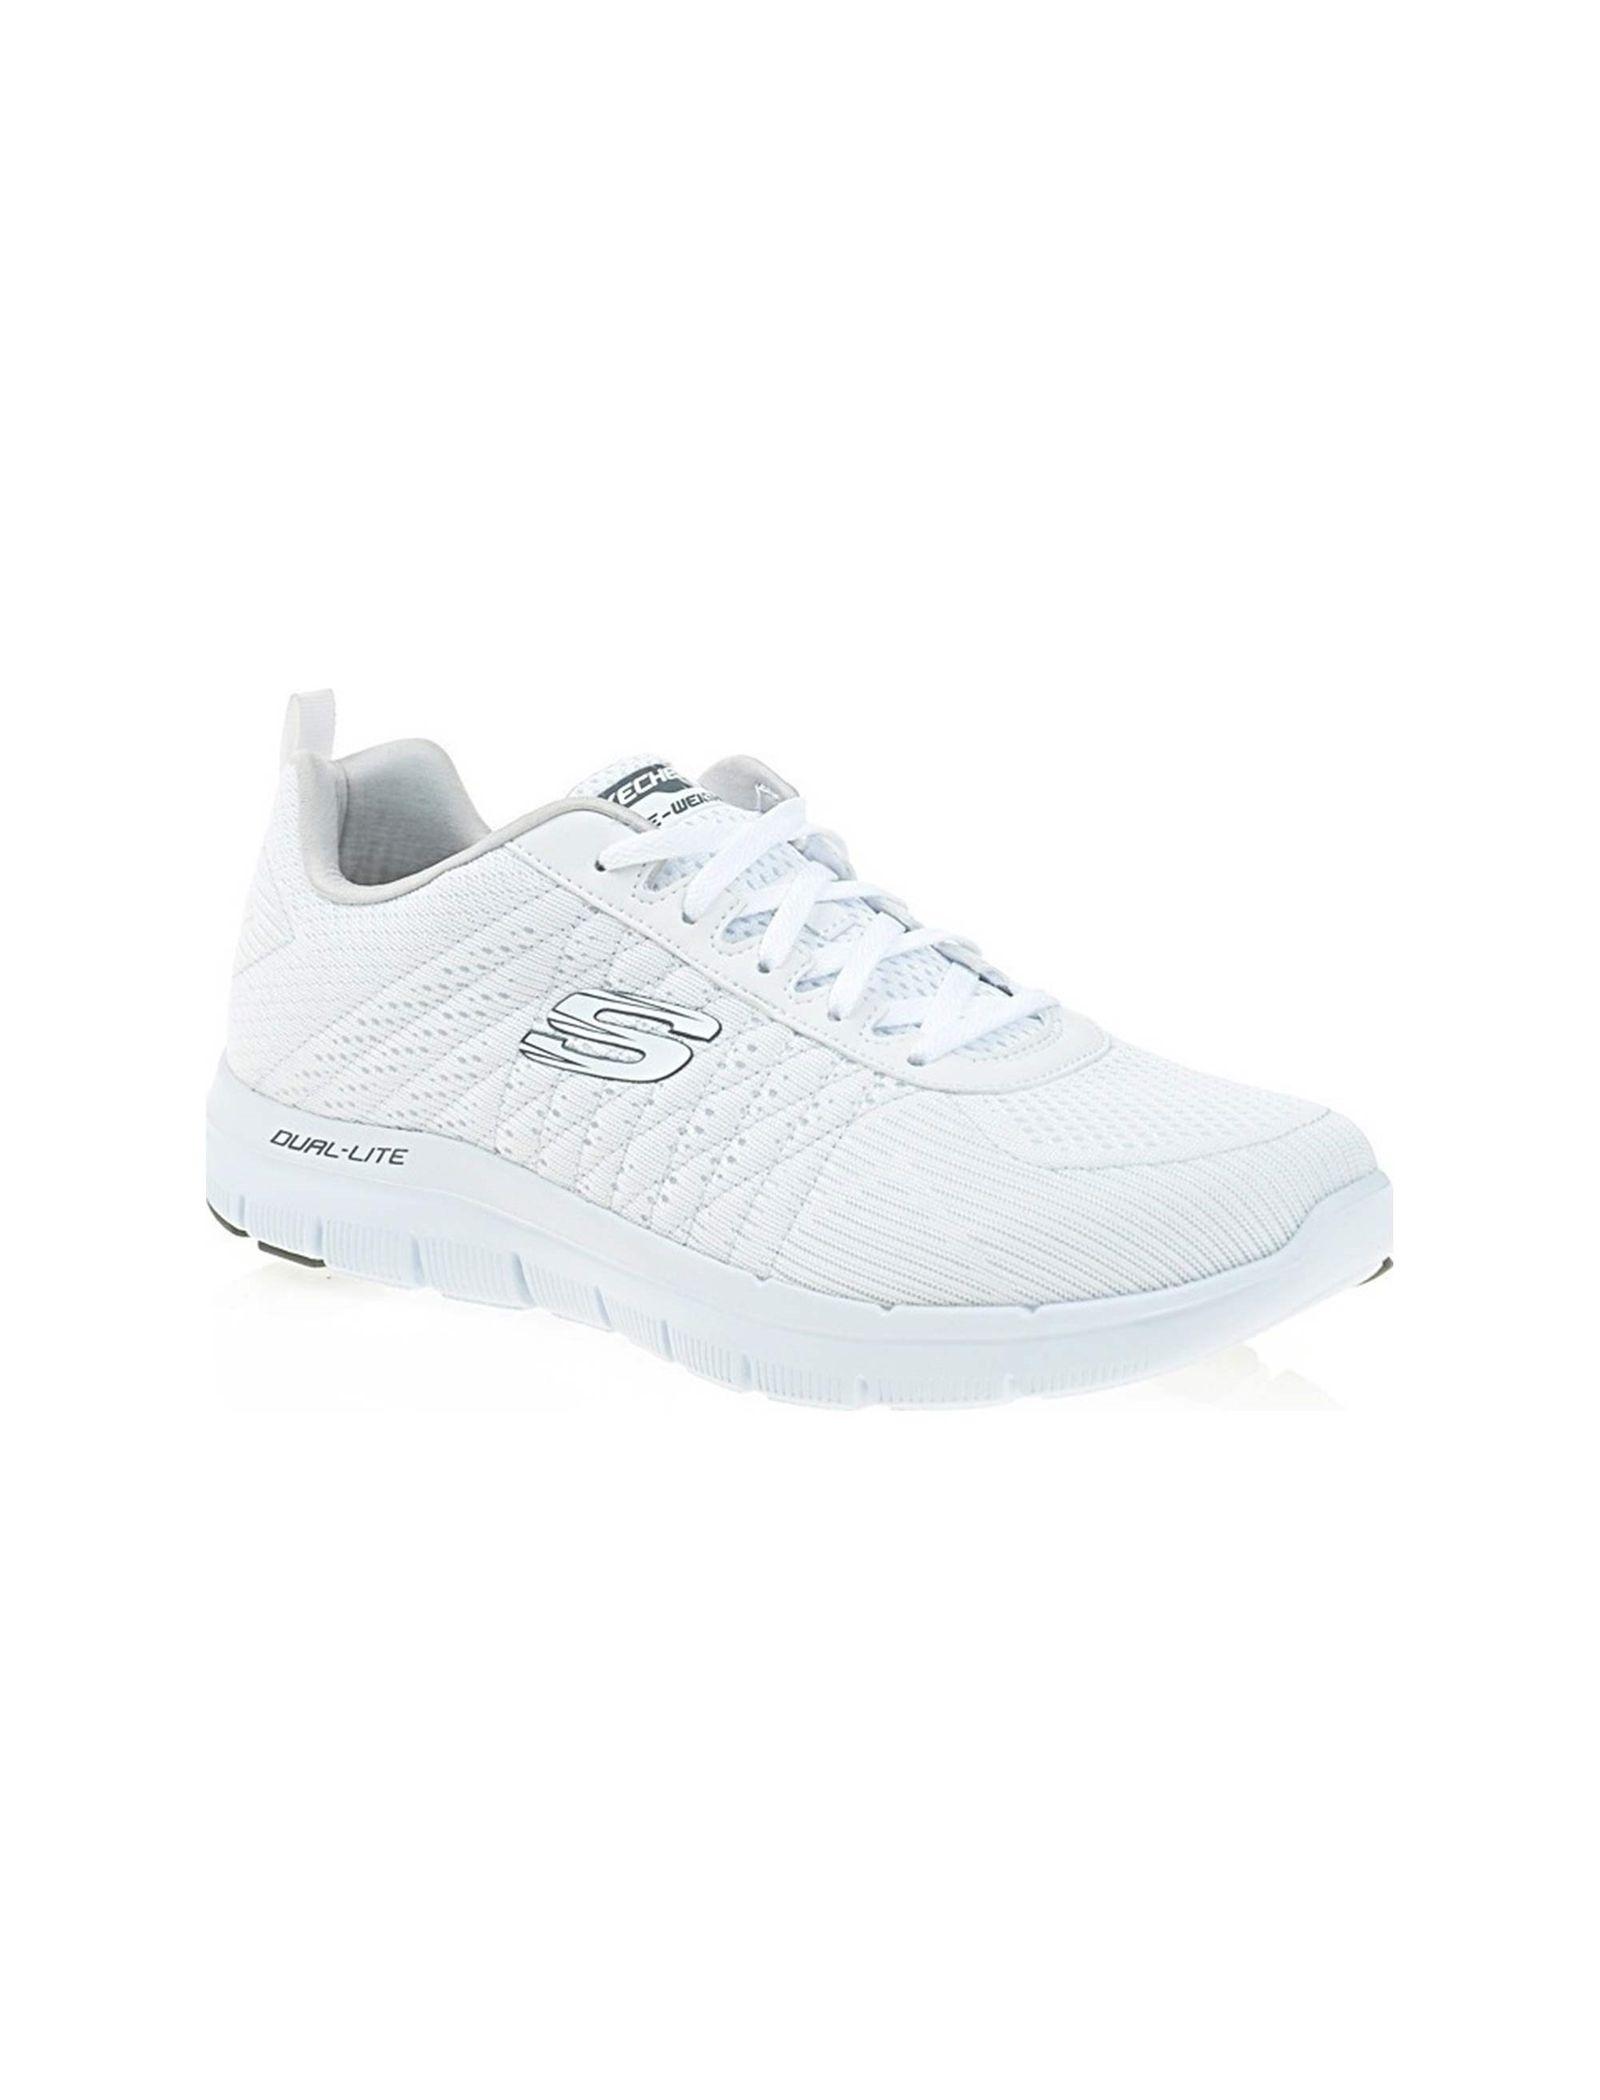 کفش تمرین بندی مردانه Flex Advantage 2-0 The Happs - اسکچرز - سفيد - 3